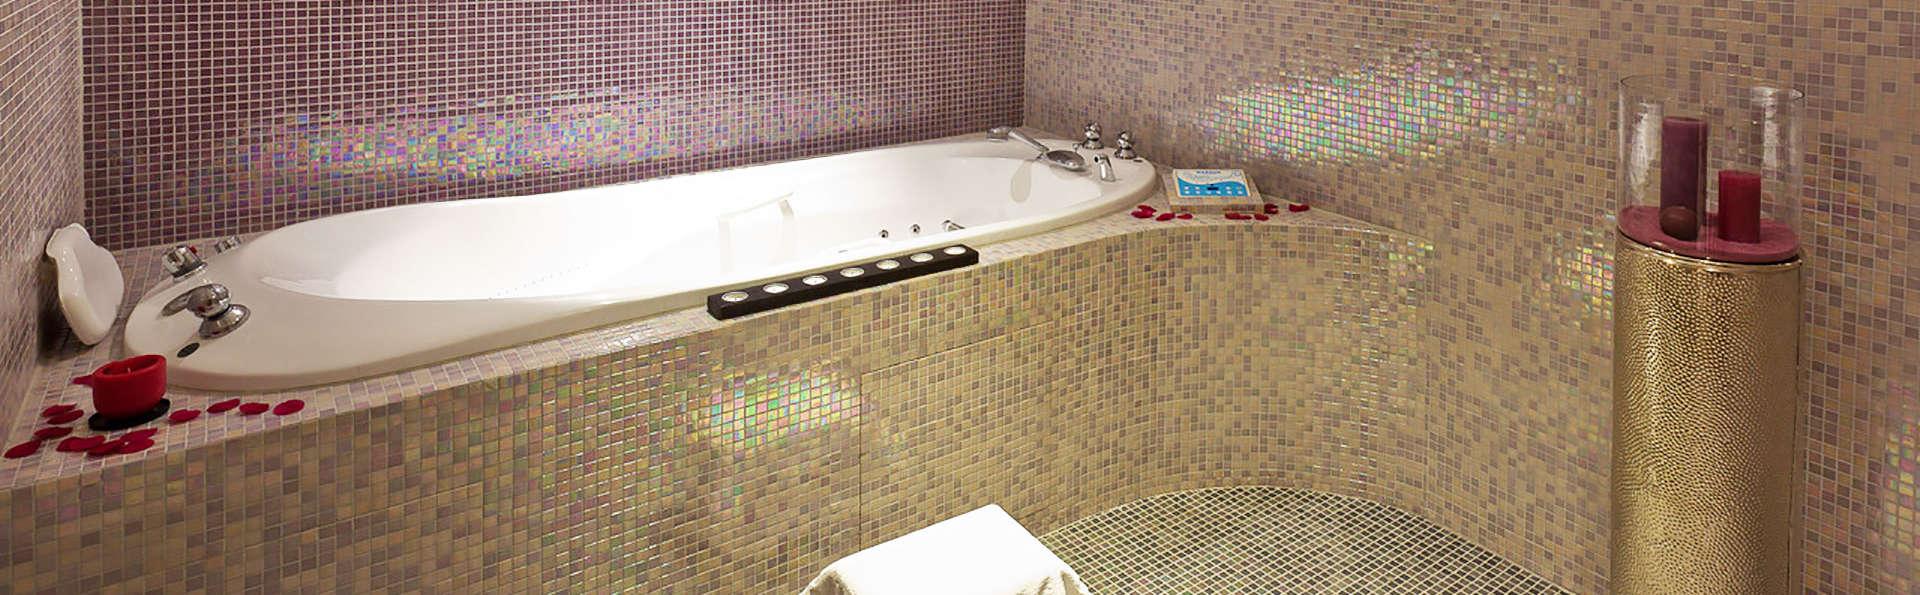 AxHôtel - EDIT_bath.jpg